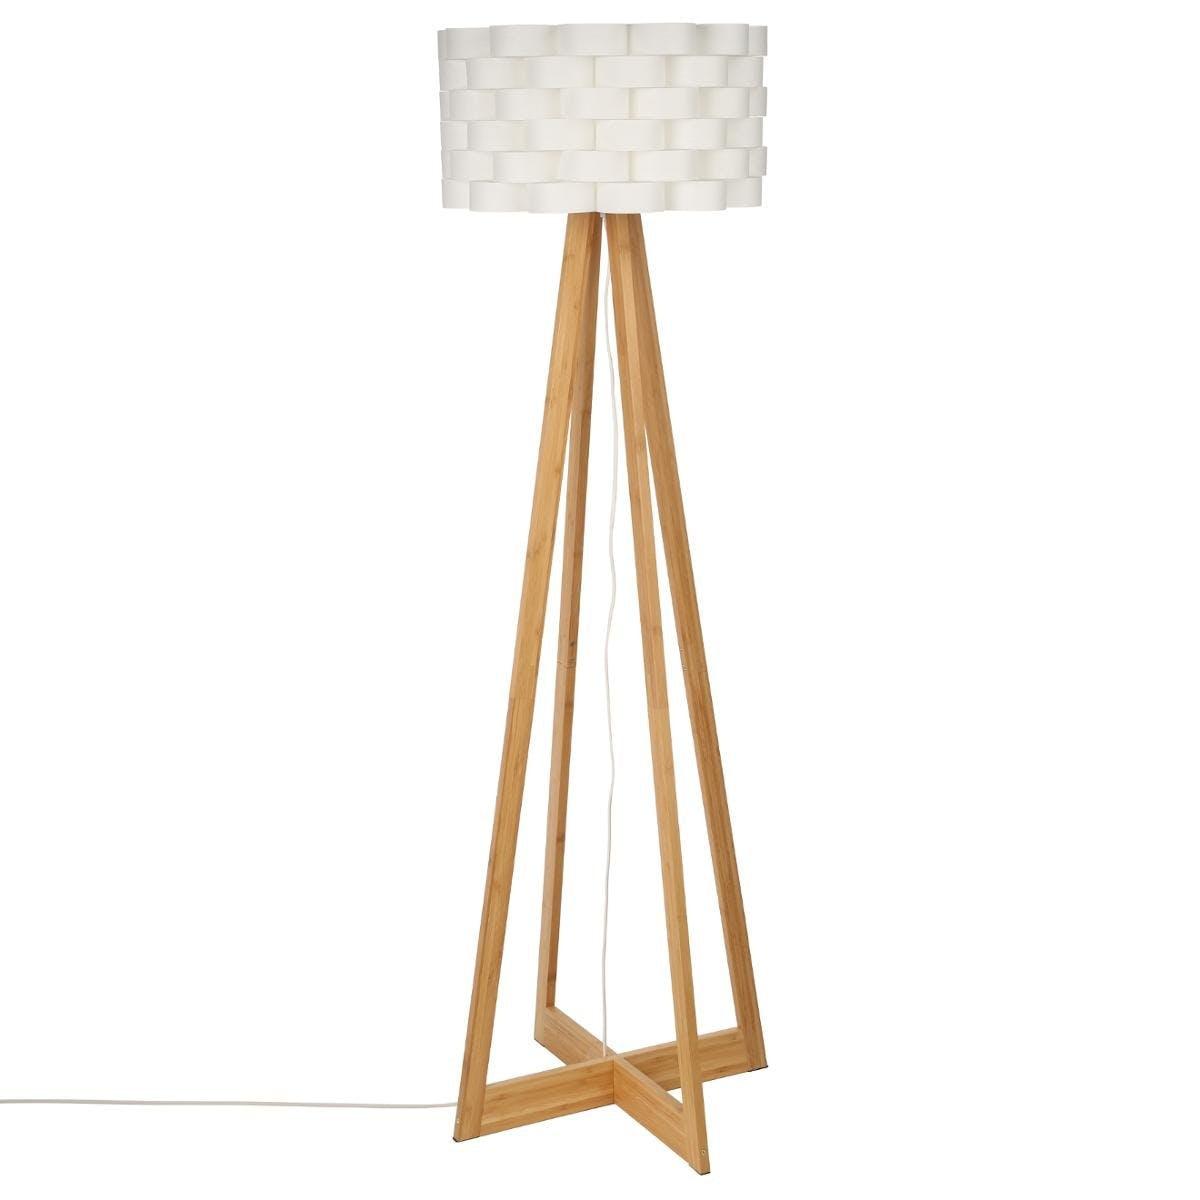 Lampadaire pied croisé bambou naturel et abat-jour écru forme fleur D50xH150cm